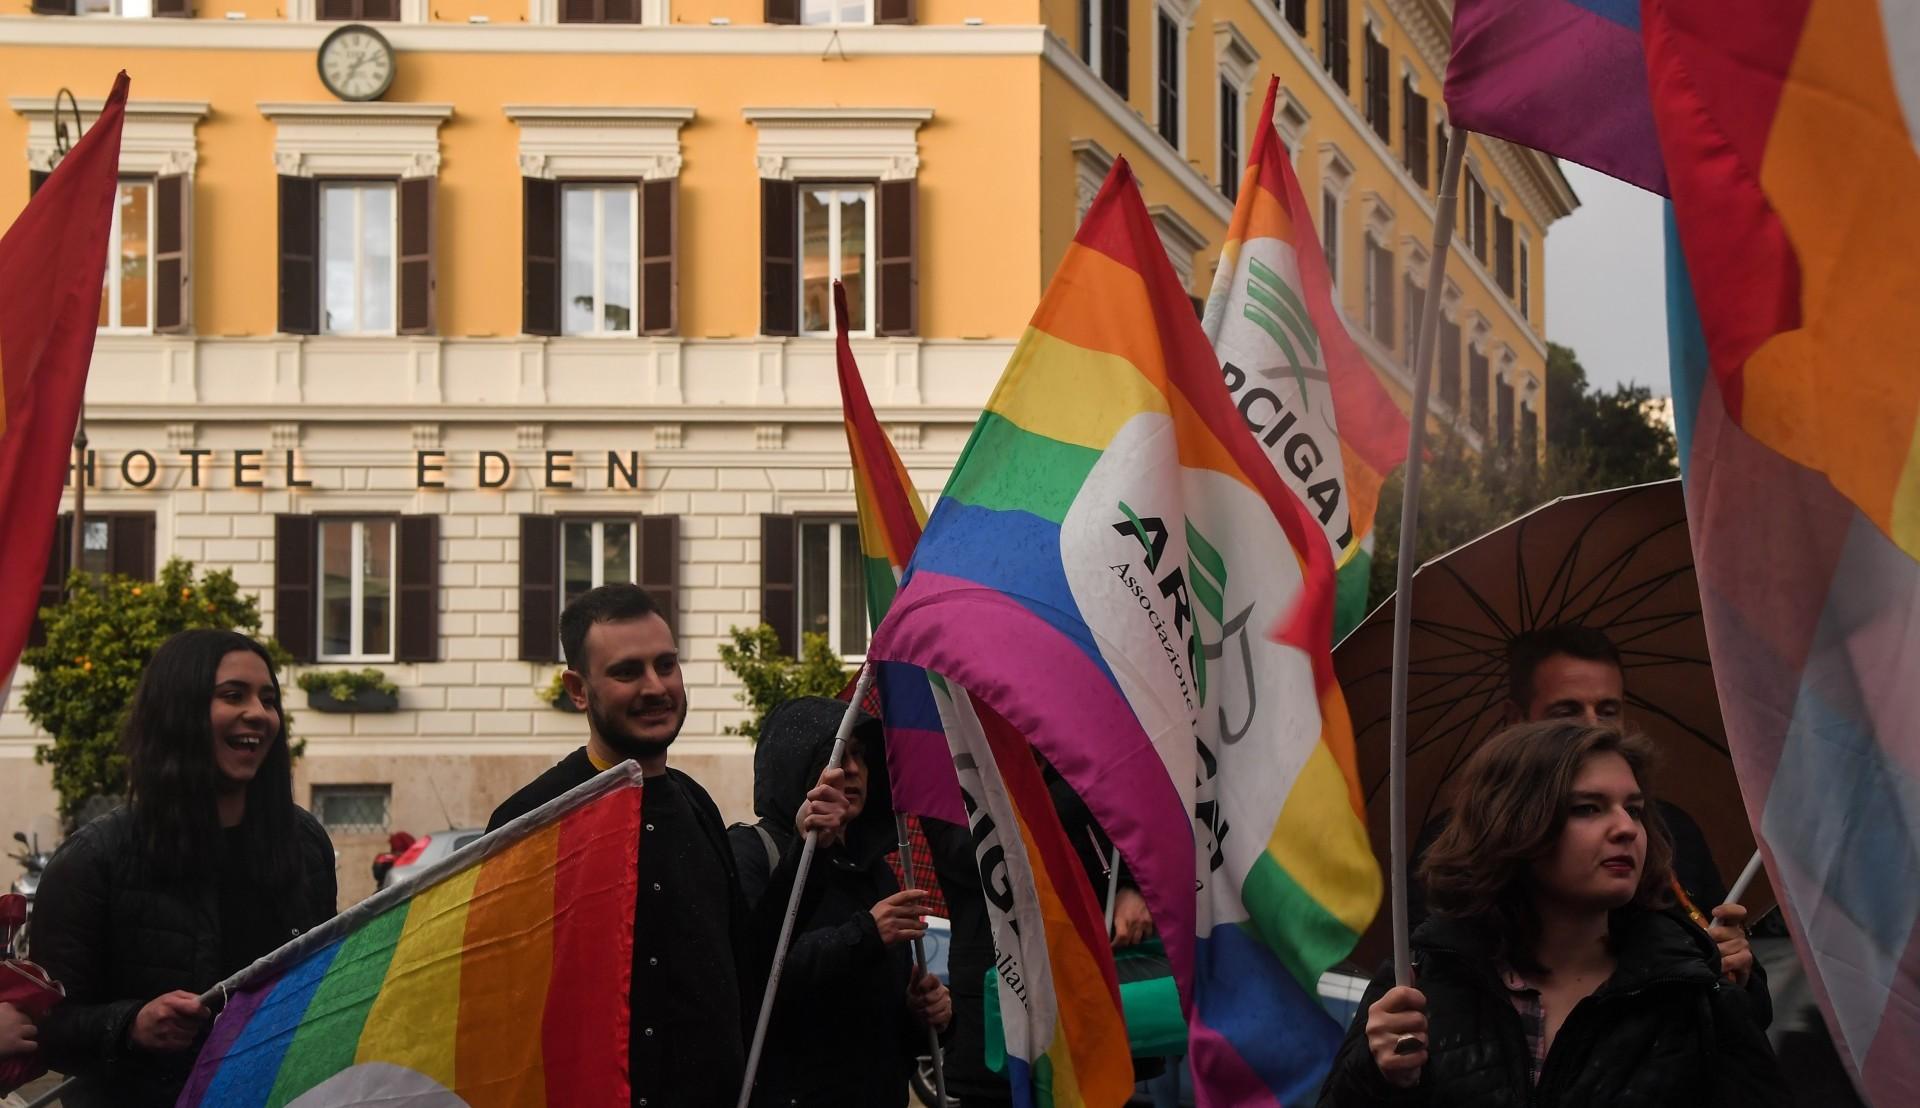 Activistas italianos en un hotel de Roma, vinculado al sultán (AFP)